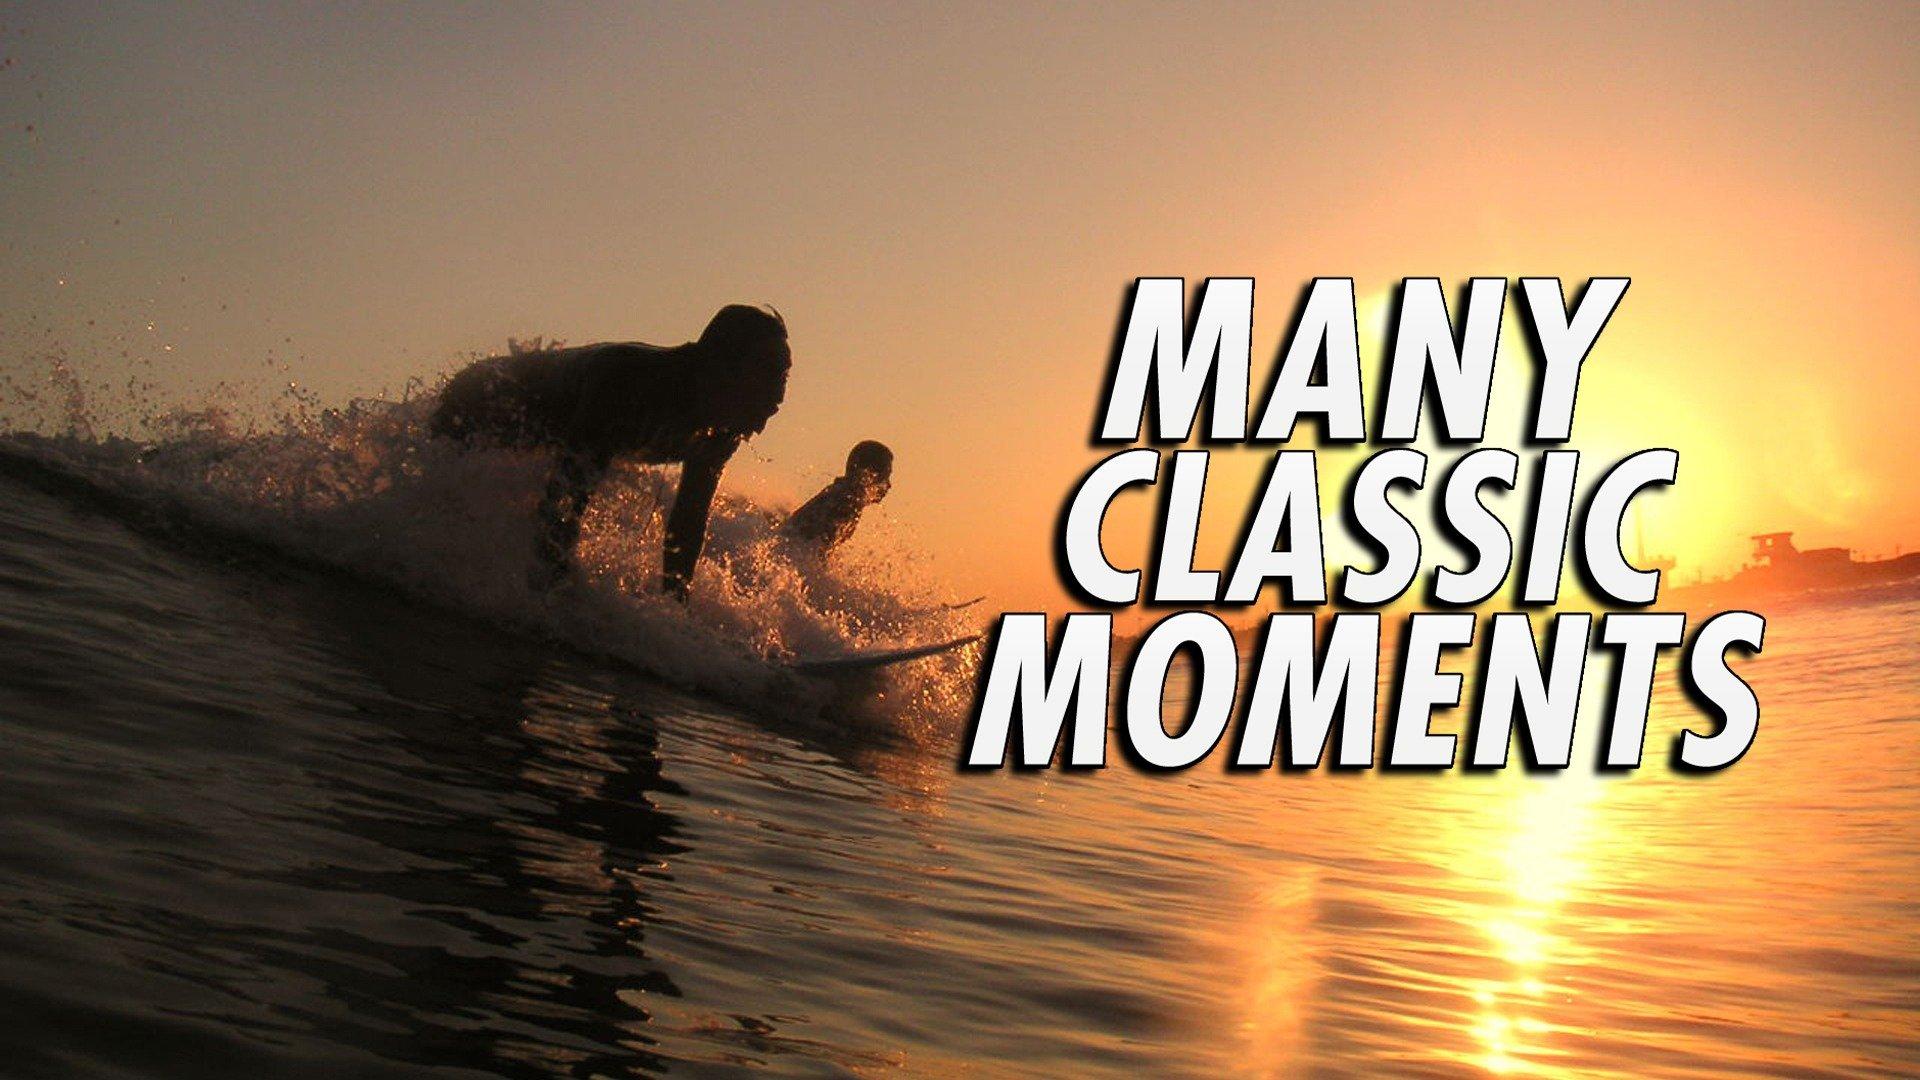 Many Classic Moments